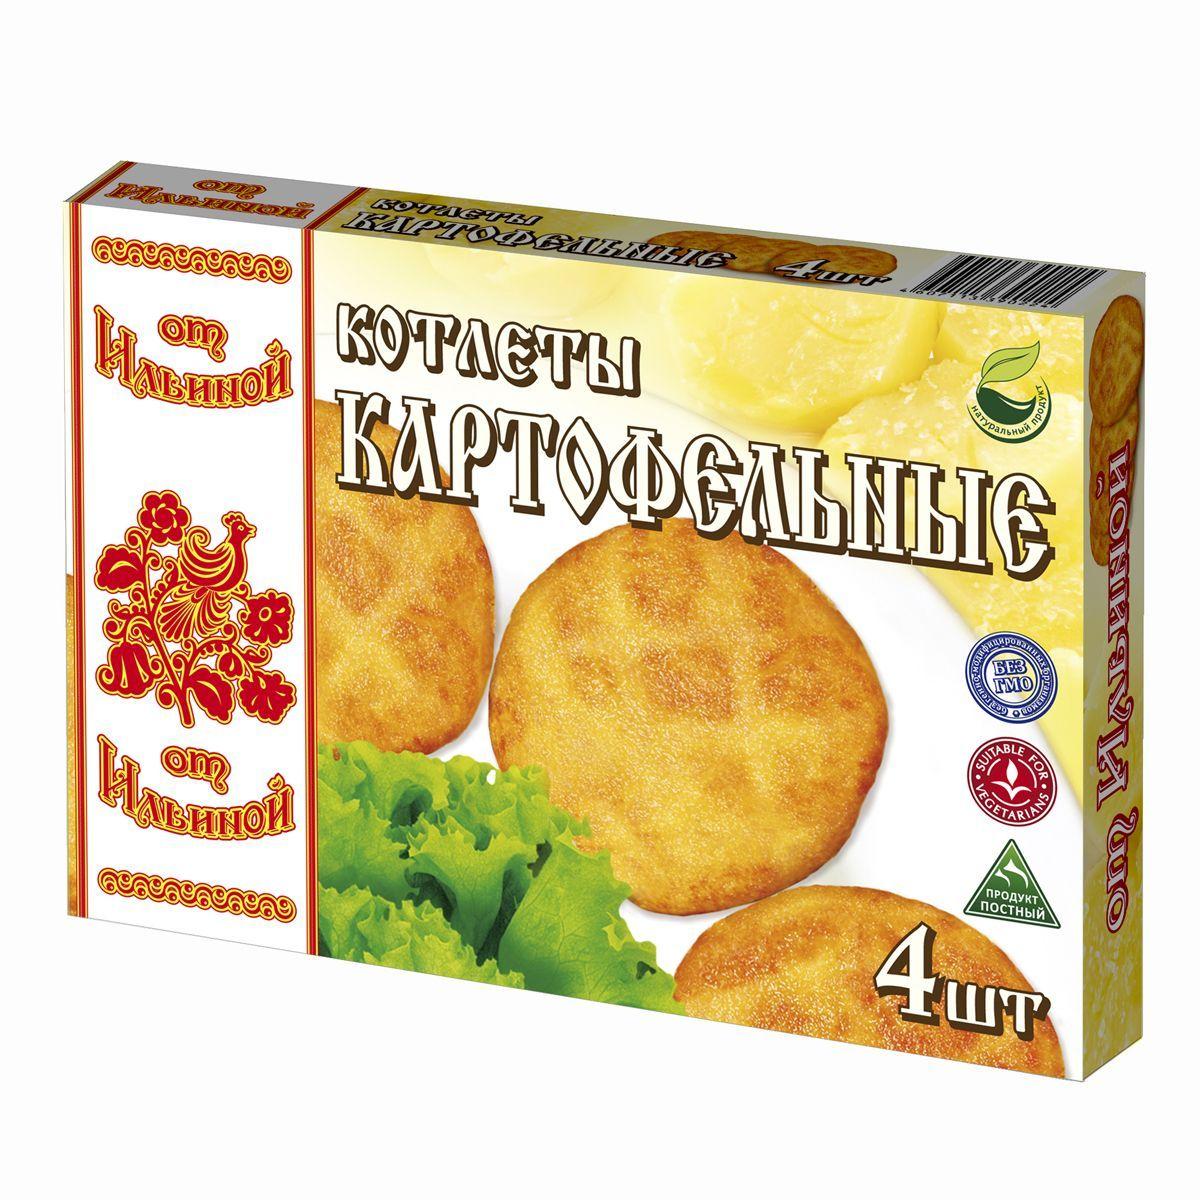 От Ильиной Котлеты картофельные, 300 г